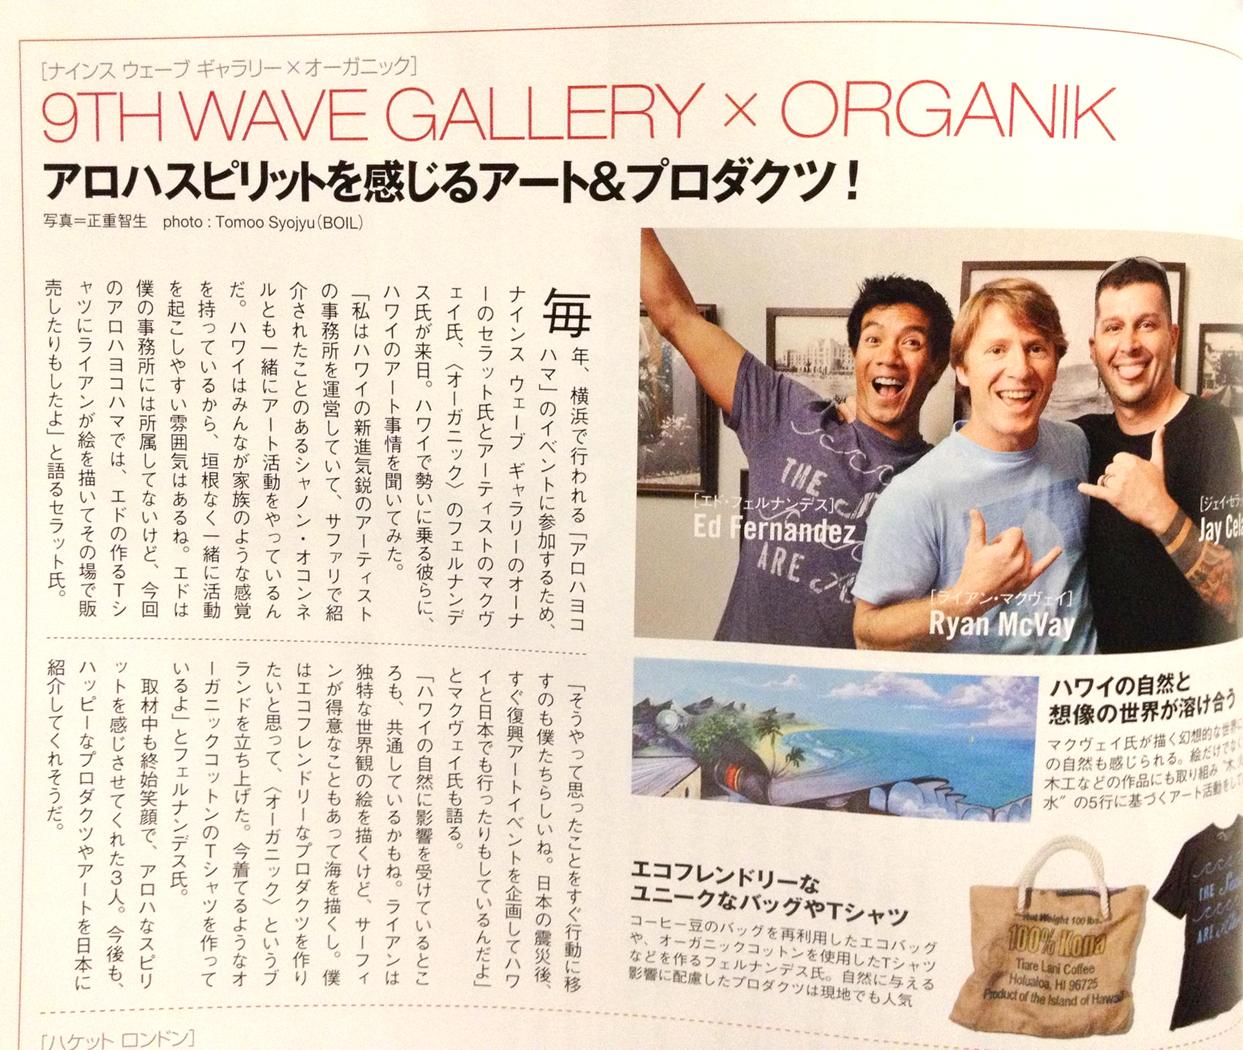 2013-01-01-safari-9th-wave-organik-2.jpg